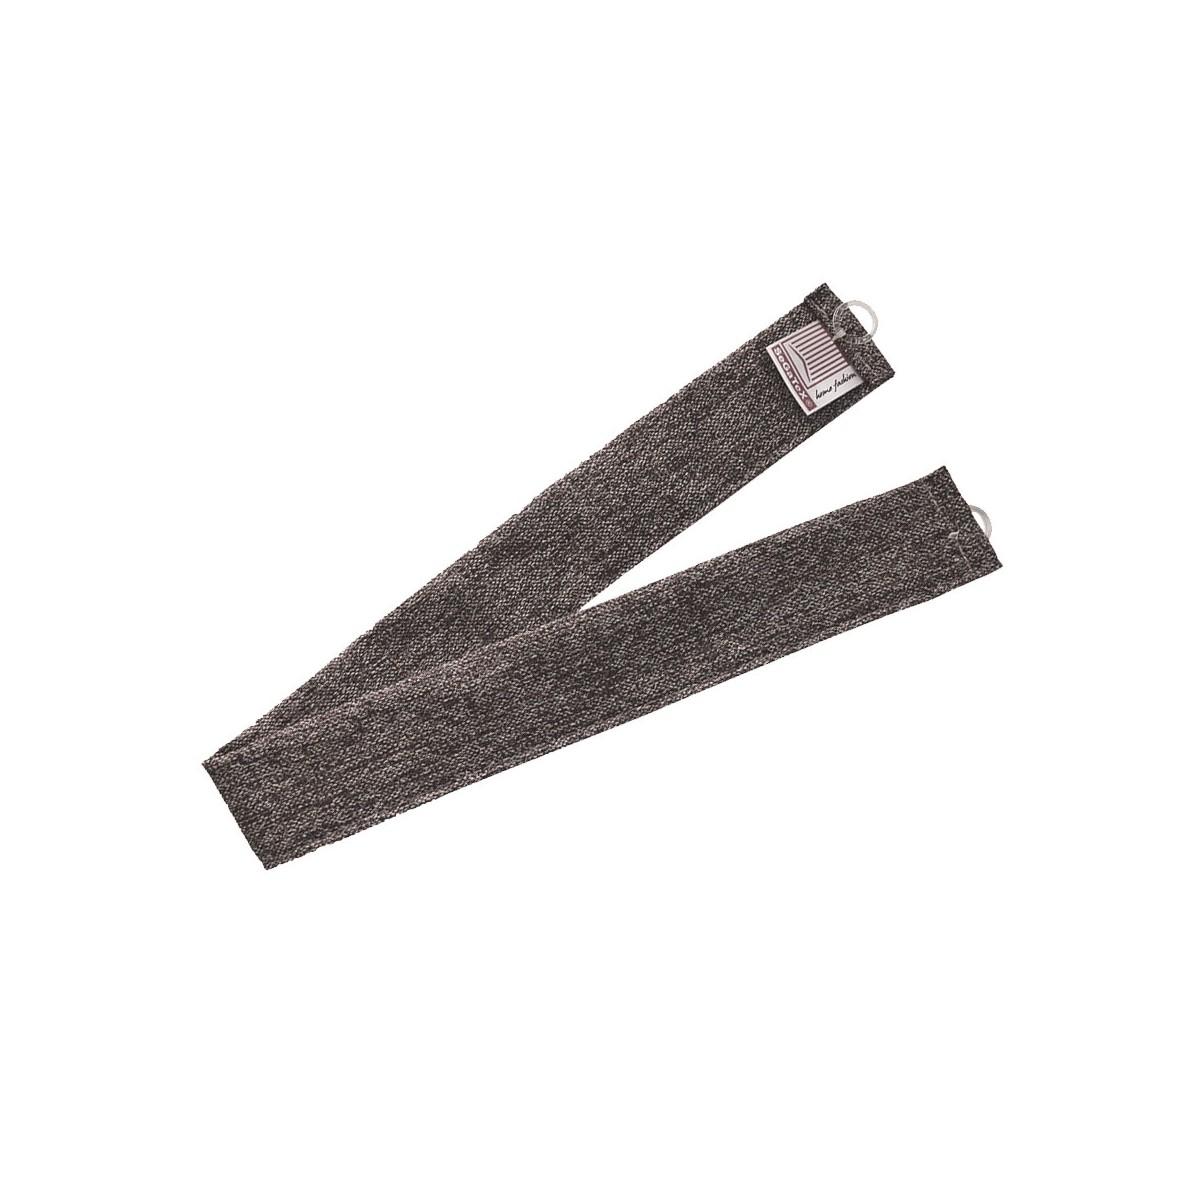 1 Stück Raffhalter braun uni passend zu Dekoschal-Serien Alpin und Albergo